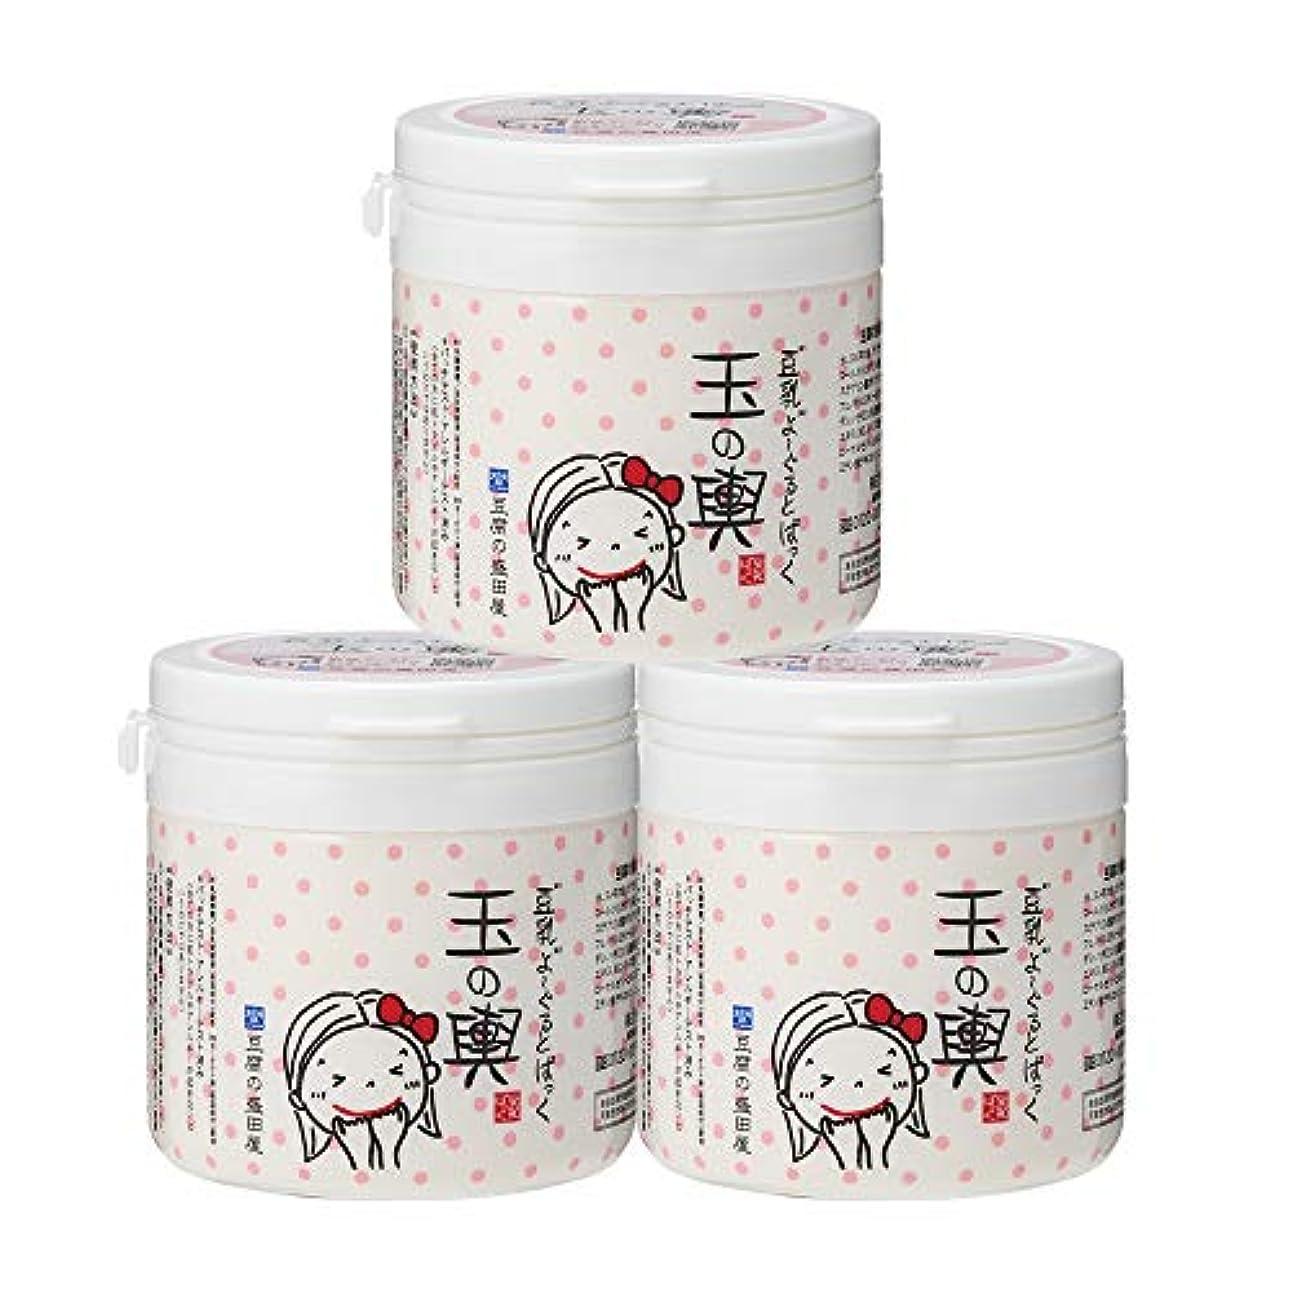 かわいらしい体系的に旅客豆腐の盛田屋 豆乳よーぐるとぱっく 玉の輿 150g×3個セット